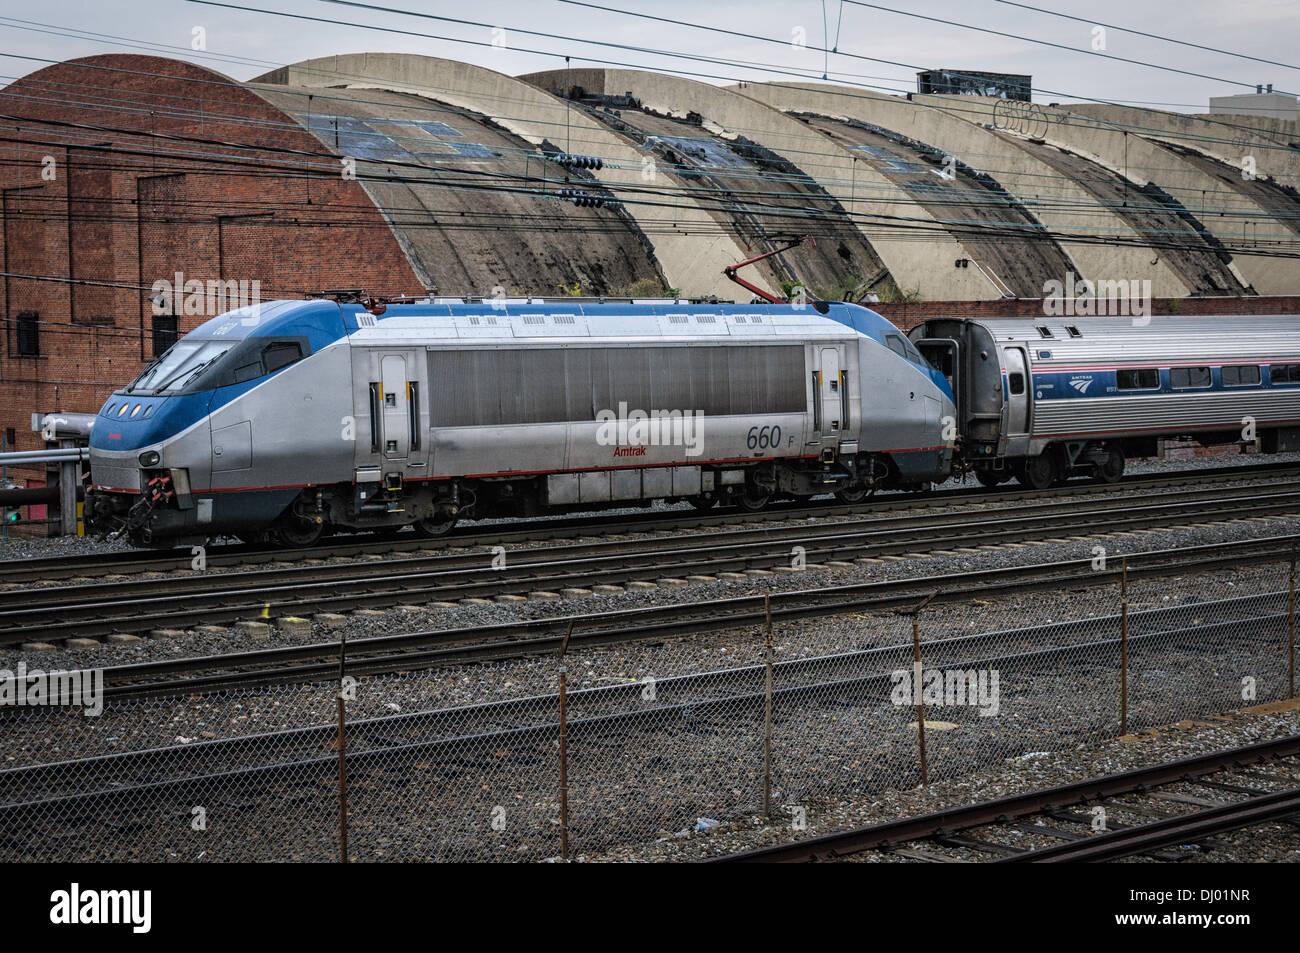 Amtrak HHP-8 Locomotive No 660 leaving Union Station, Washington, DC - Stock Image